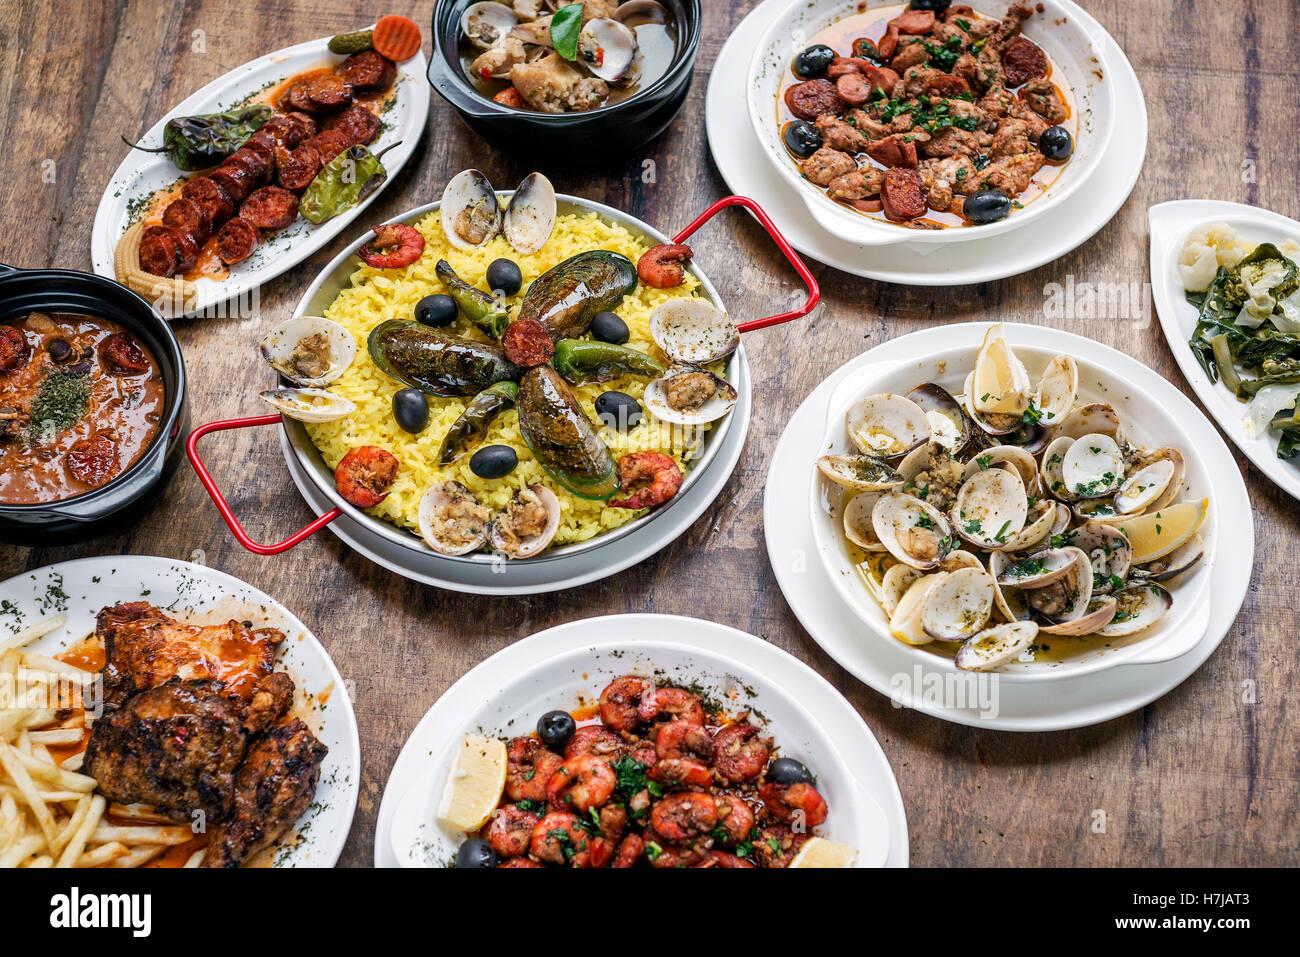 Mezcla de estilo rústico tradicional portuguesa famosa comida selección de tapas de mesa de madera Imagen De Stock